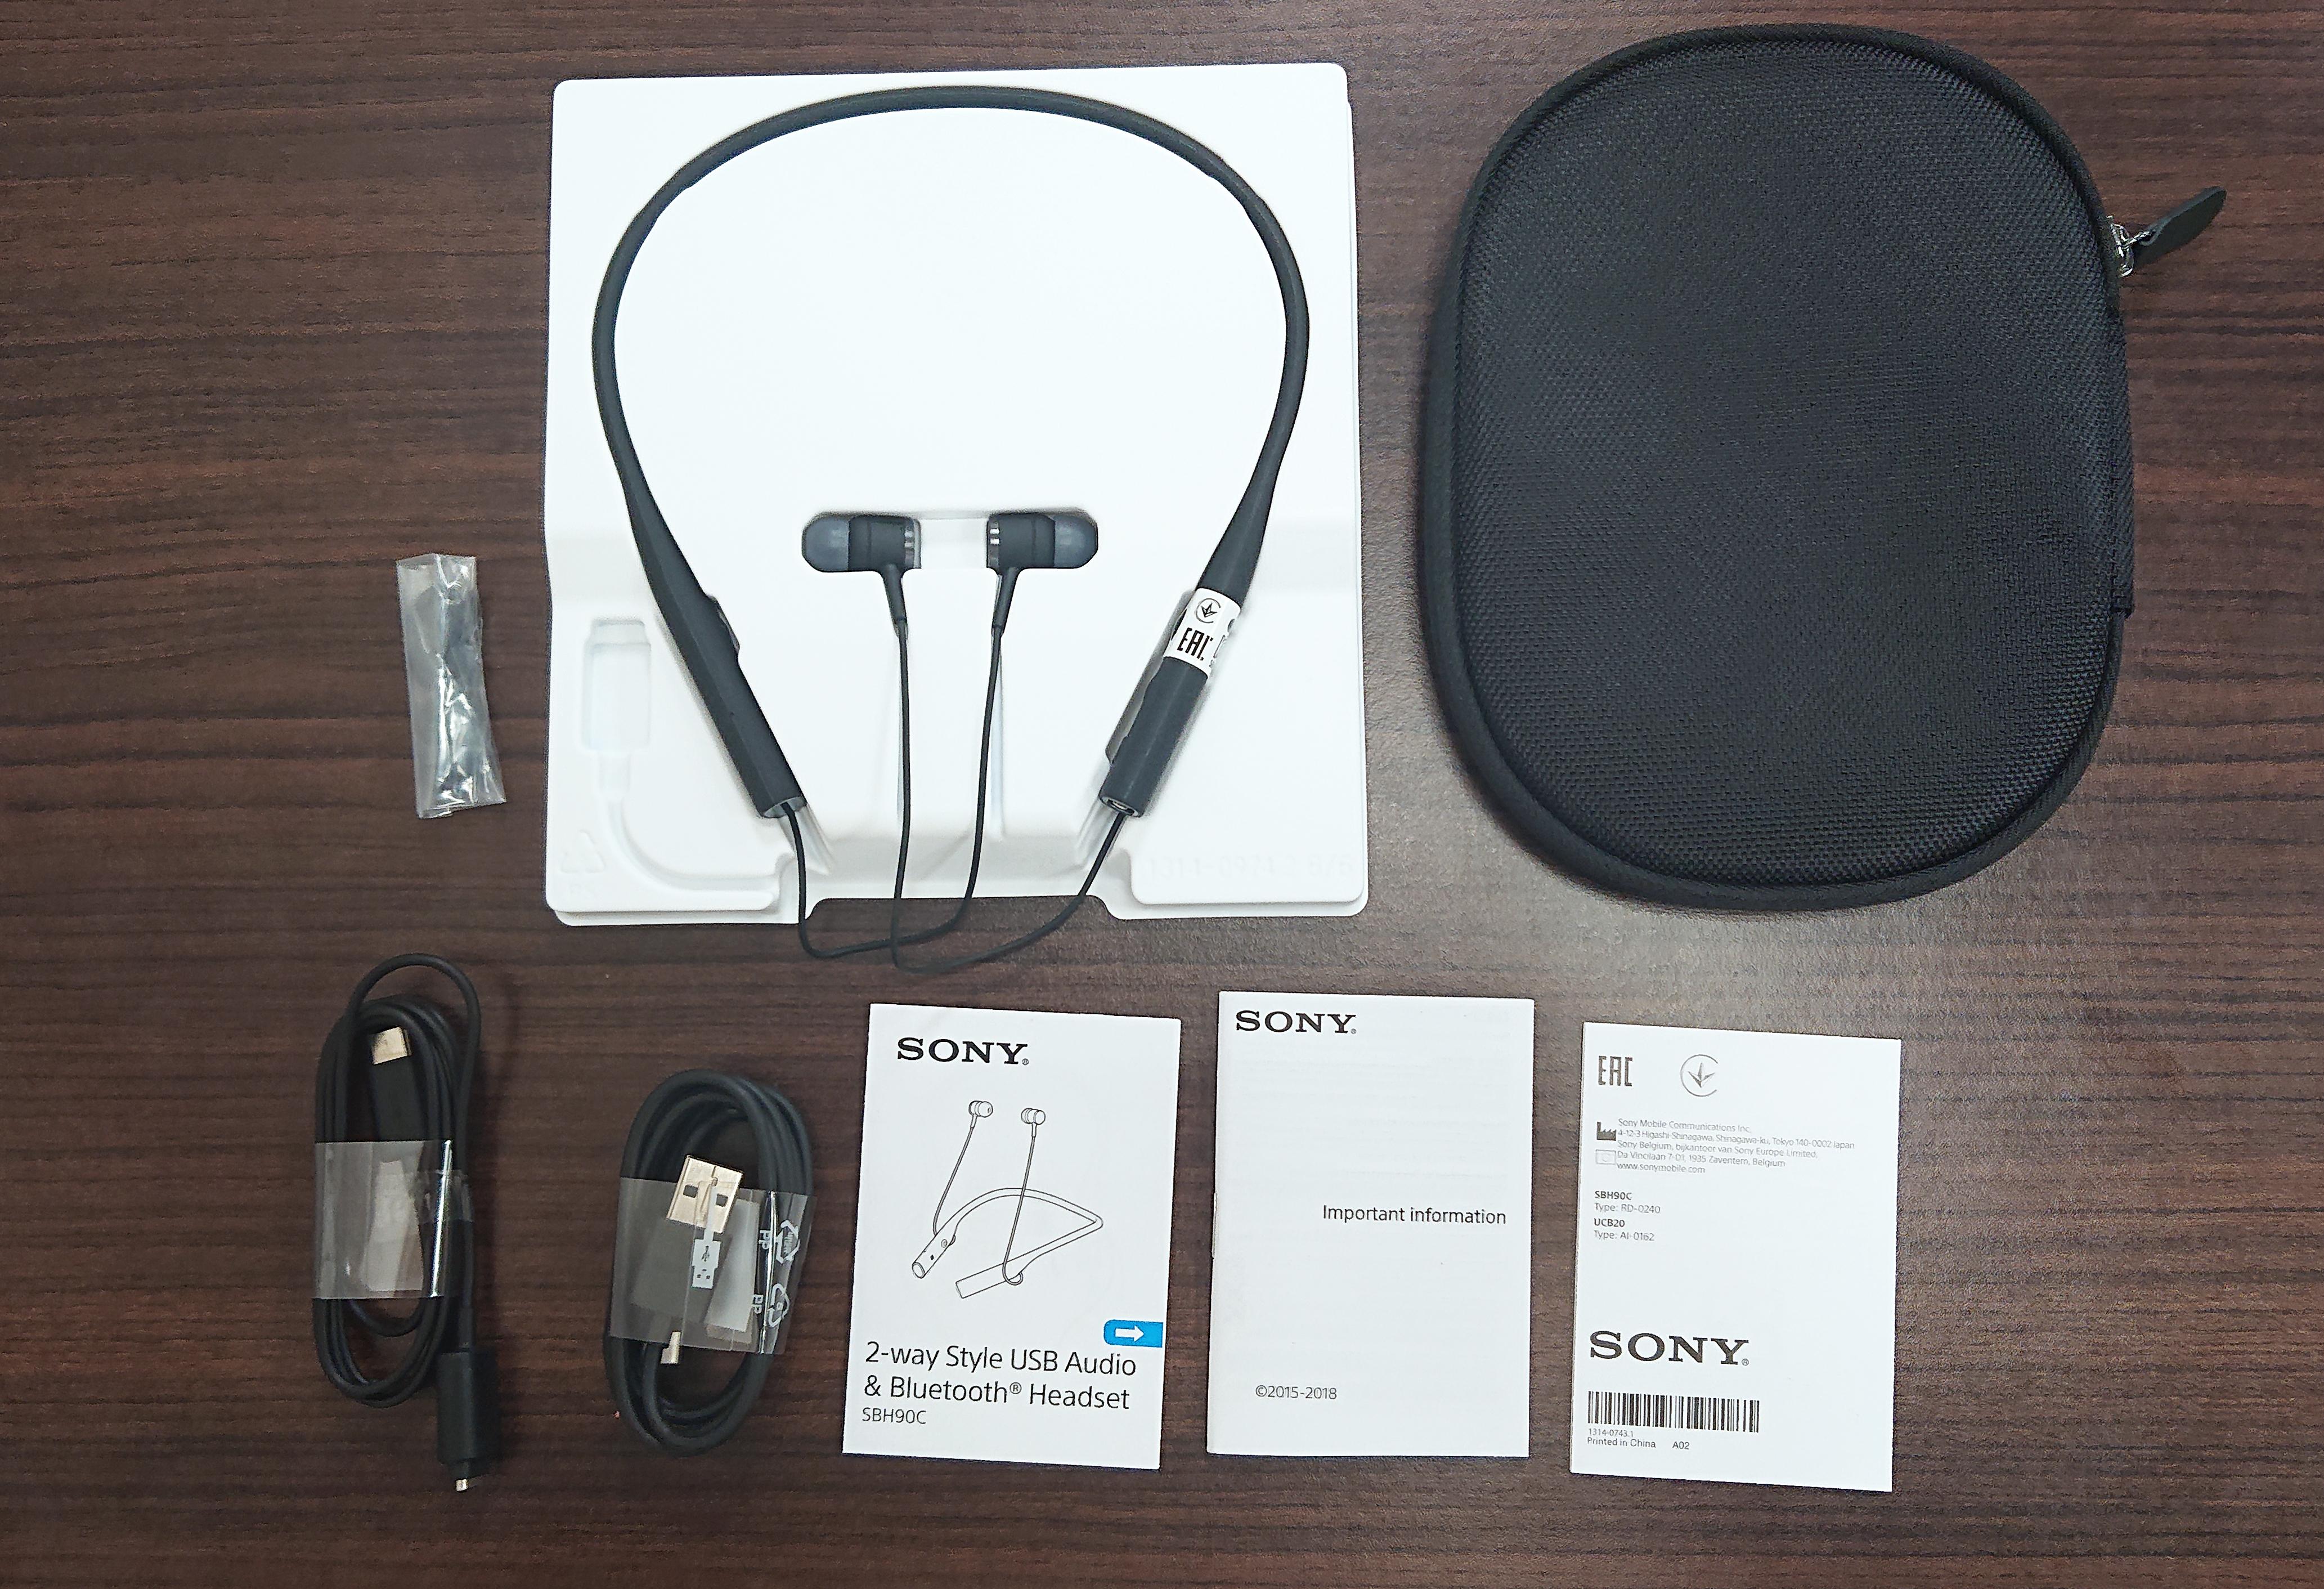 「開箱評測」SBH90c Hi-Res 藍牙耳機,有線無線都好用 - 5